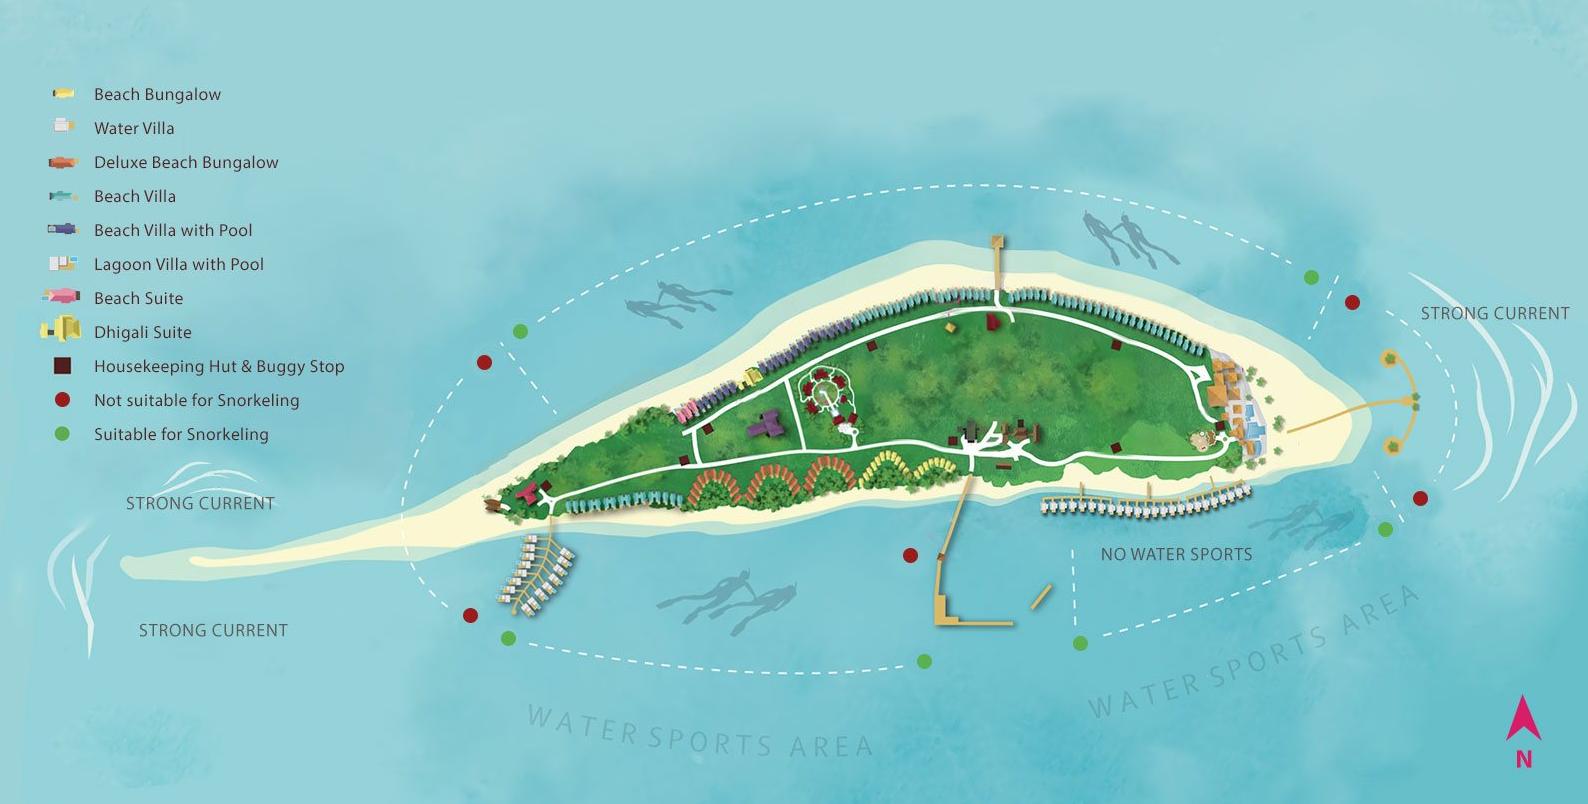 马尔代夫 迪加尼|戴加利岛 Dhigali Maldives 平面地图查看